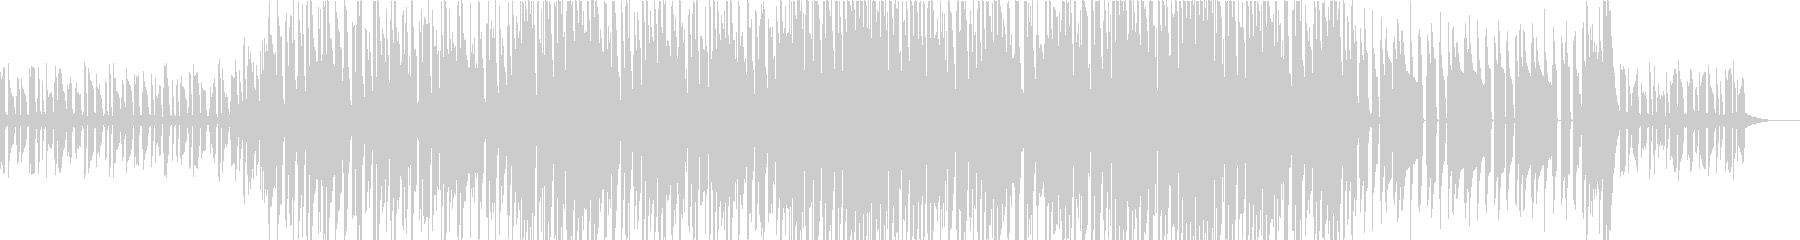 シンセベースが印象的なパズルゲームBGMの未再生の波形